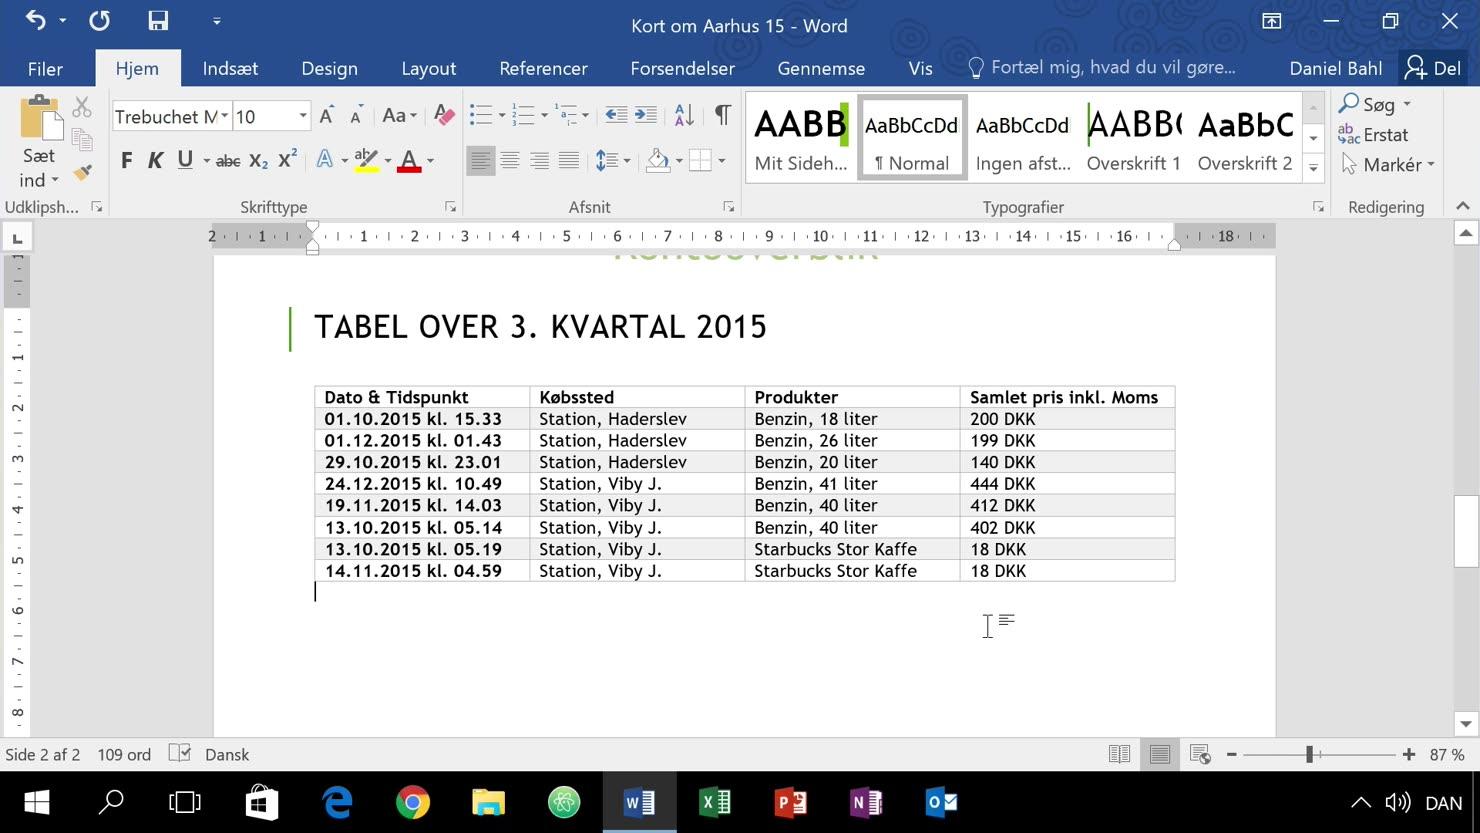 Sortering af data i tabeller